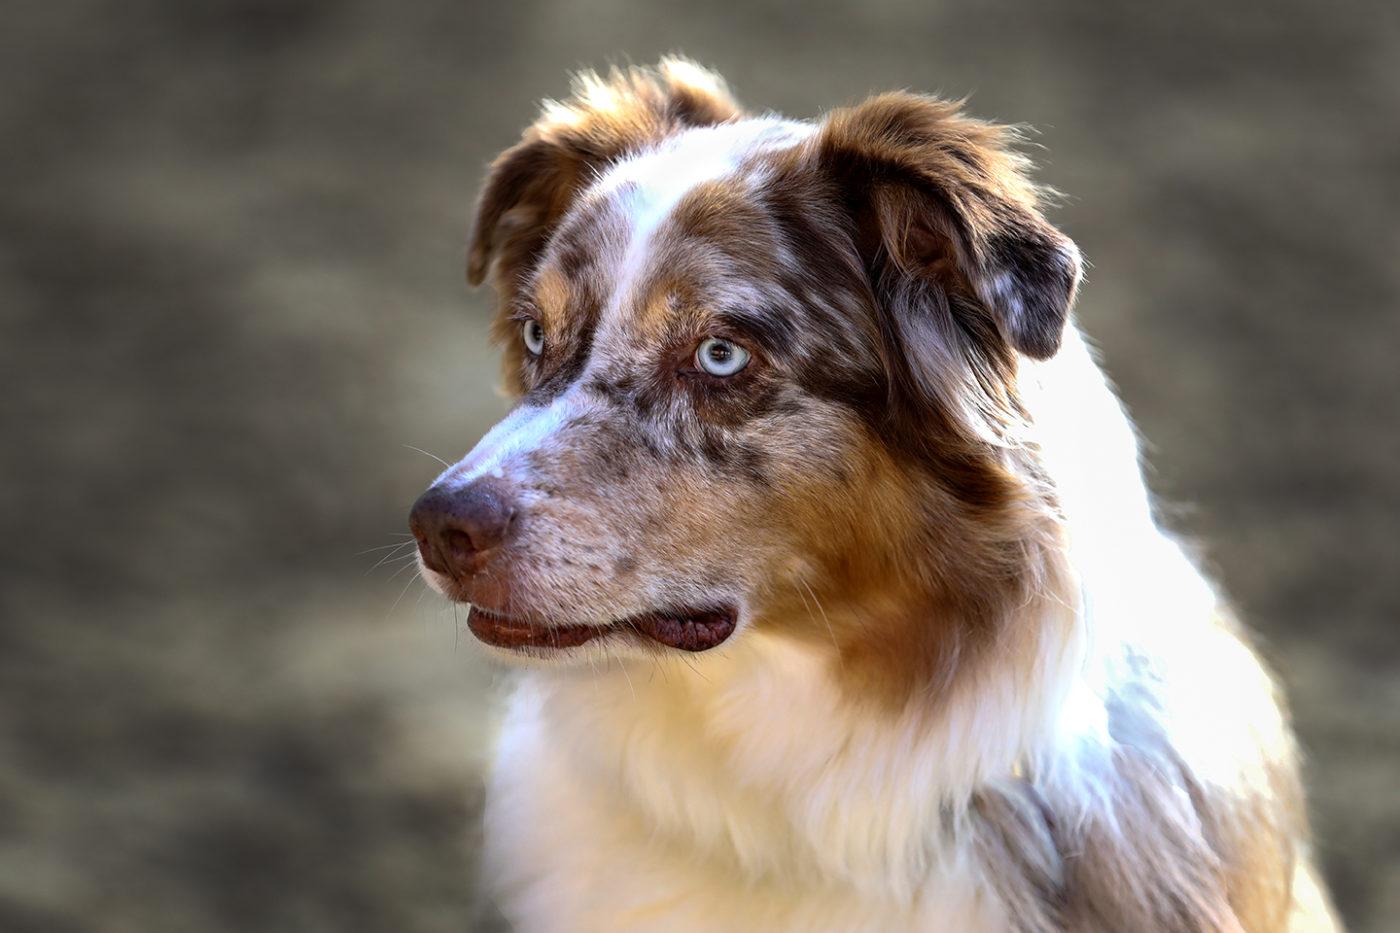 Tierfotografie /Hundefotografie